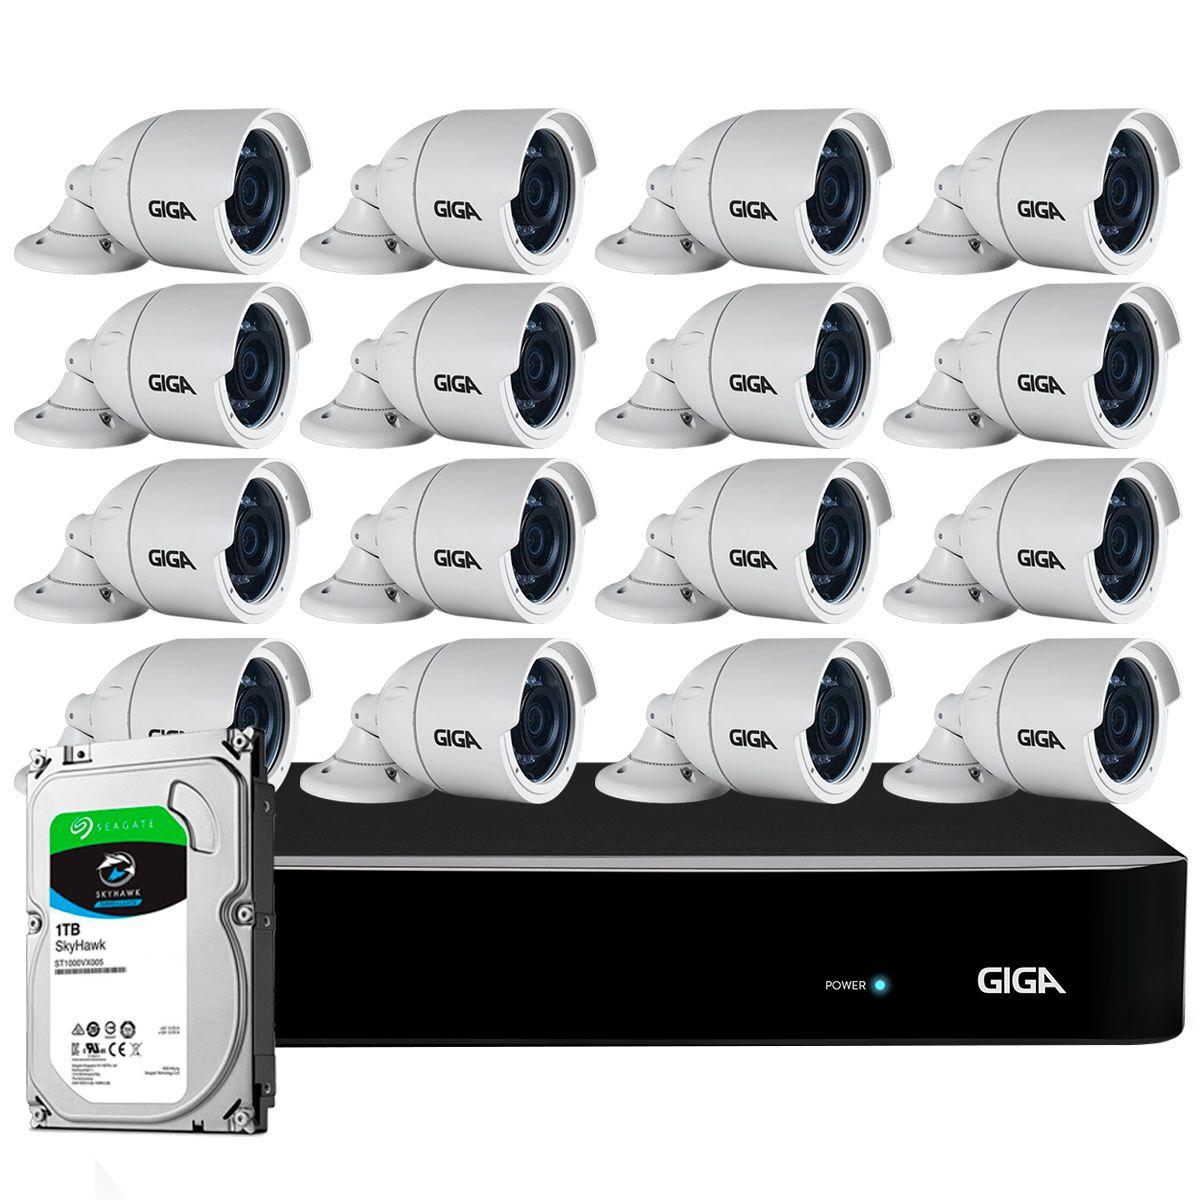 Kit 16 Câmeras Full HD + DVR Giga Security + HD 1TB + App Grátis de Monitoramento, Câmeras GS0273 1080p 30m Infravermelho de Visão Noturna + Fonte, Cabos e Acessórios  - Tudo Forte